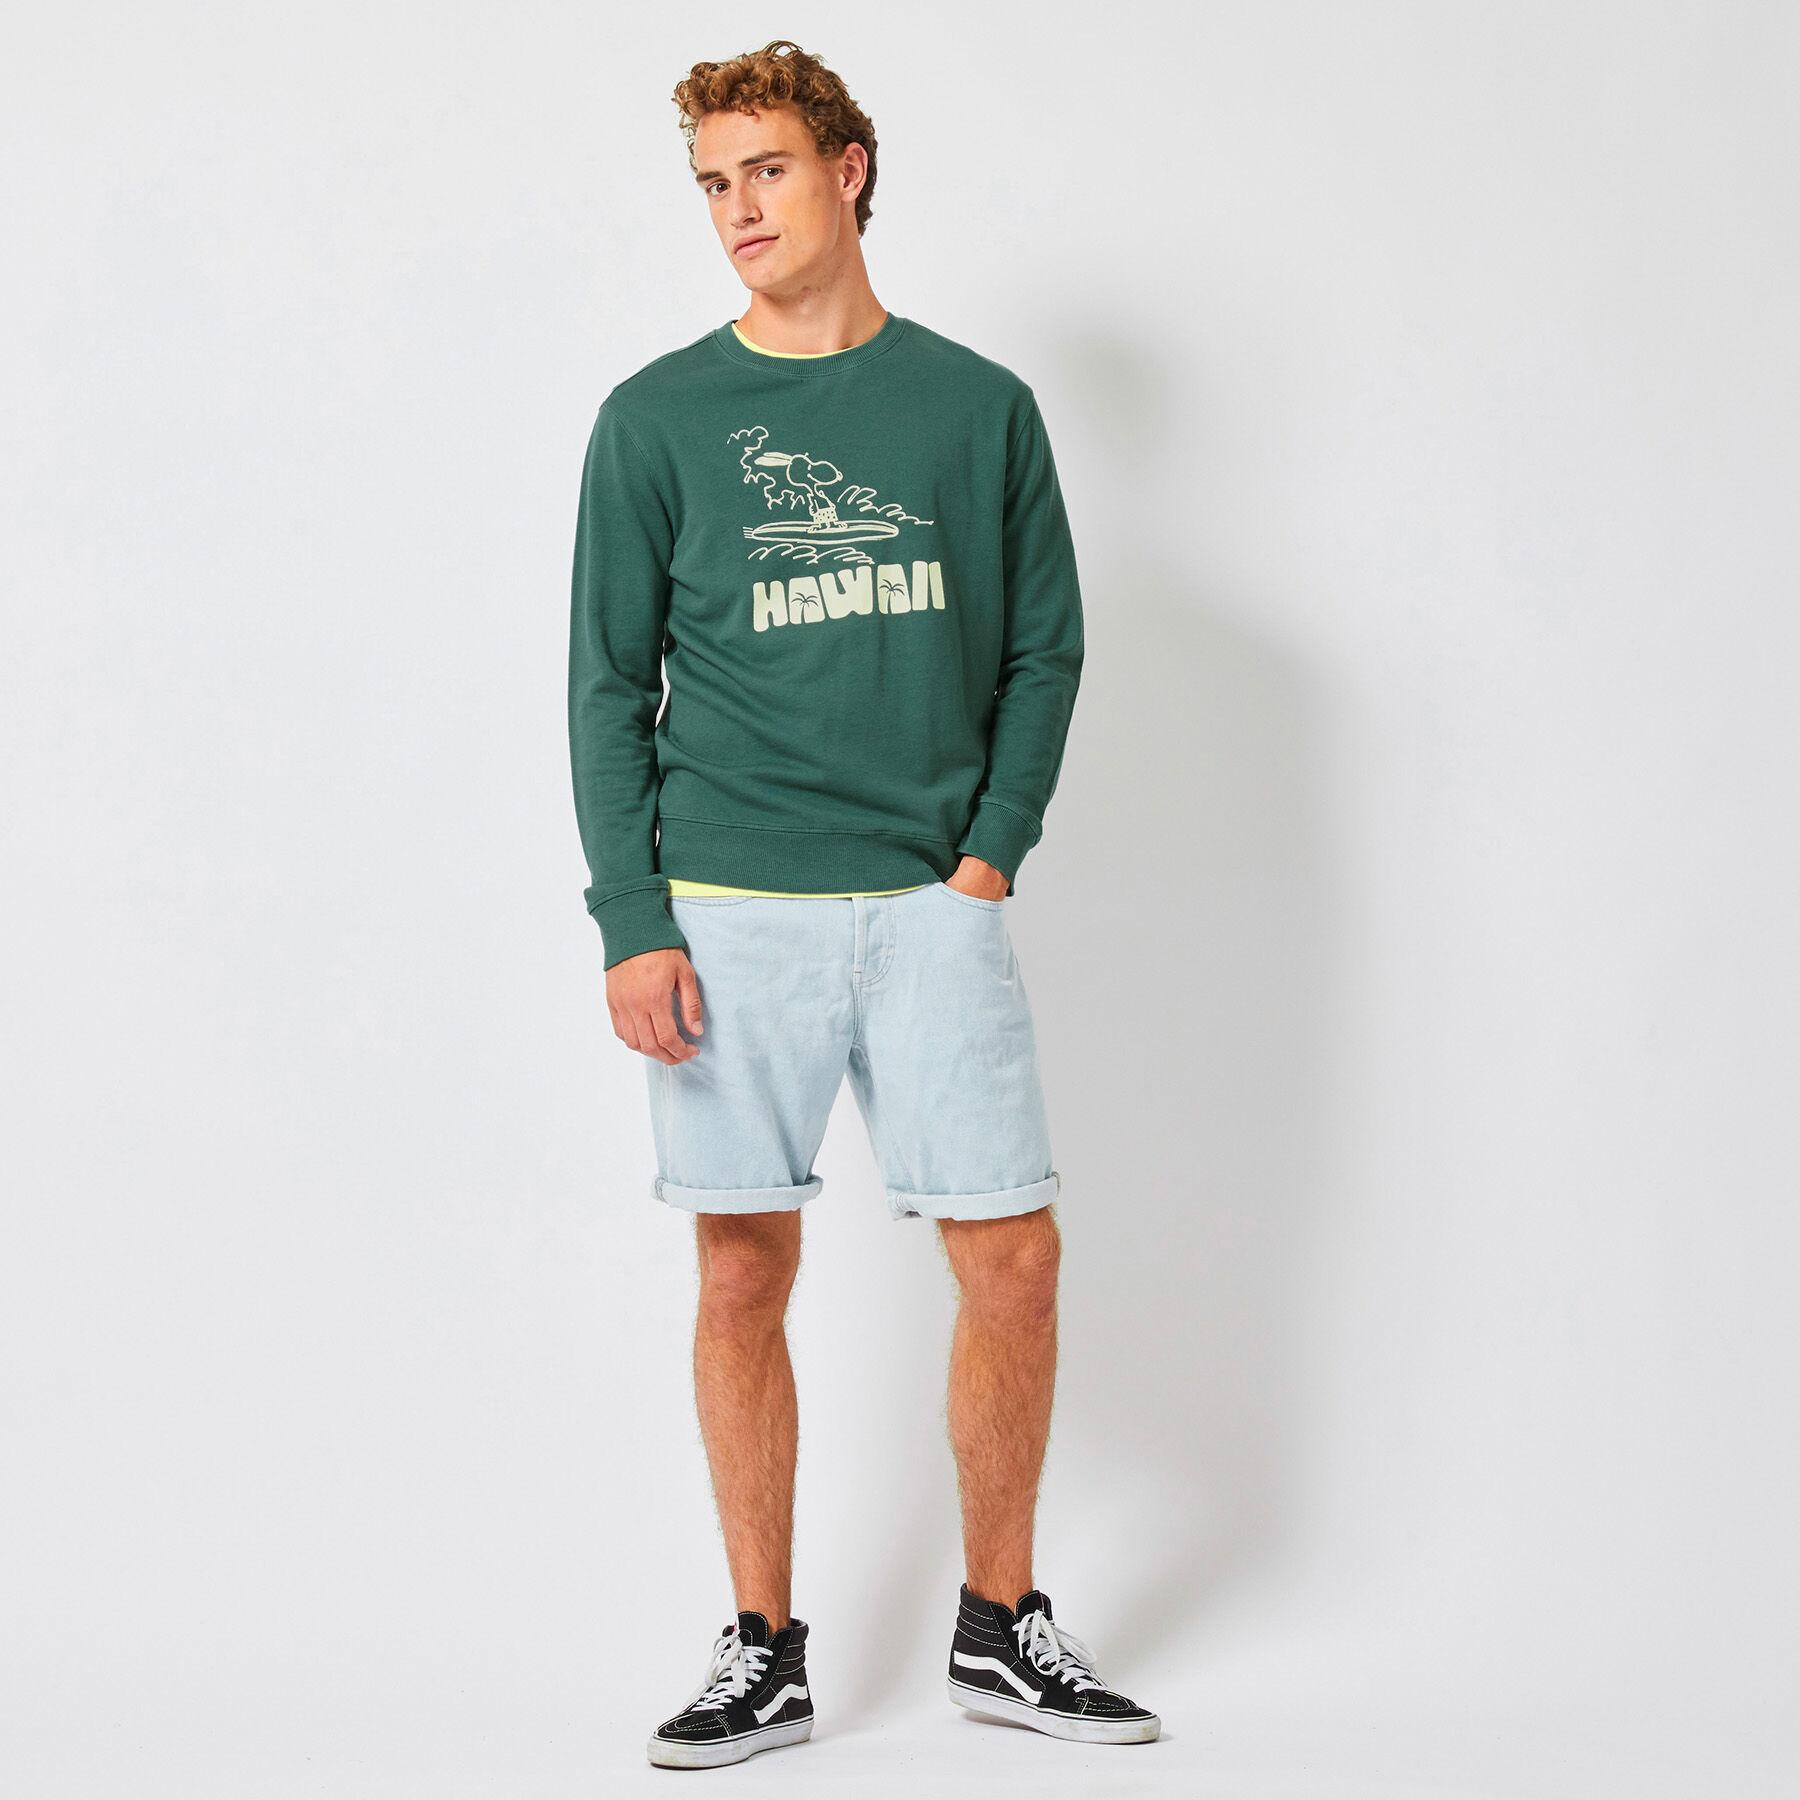 Men Sweater Salvin Hawaii Green Buy Online